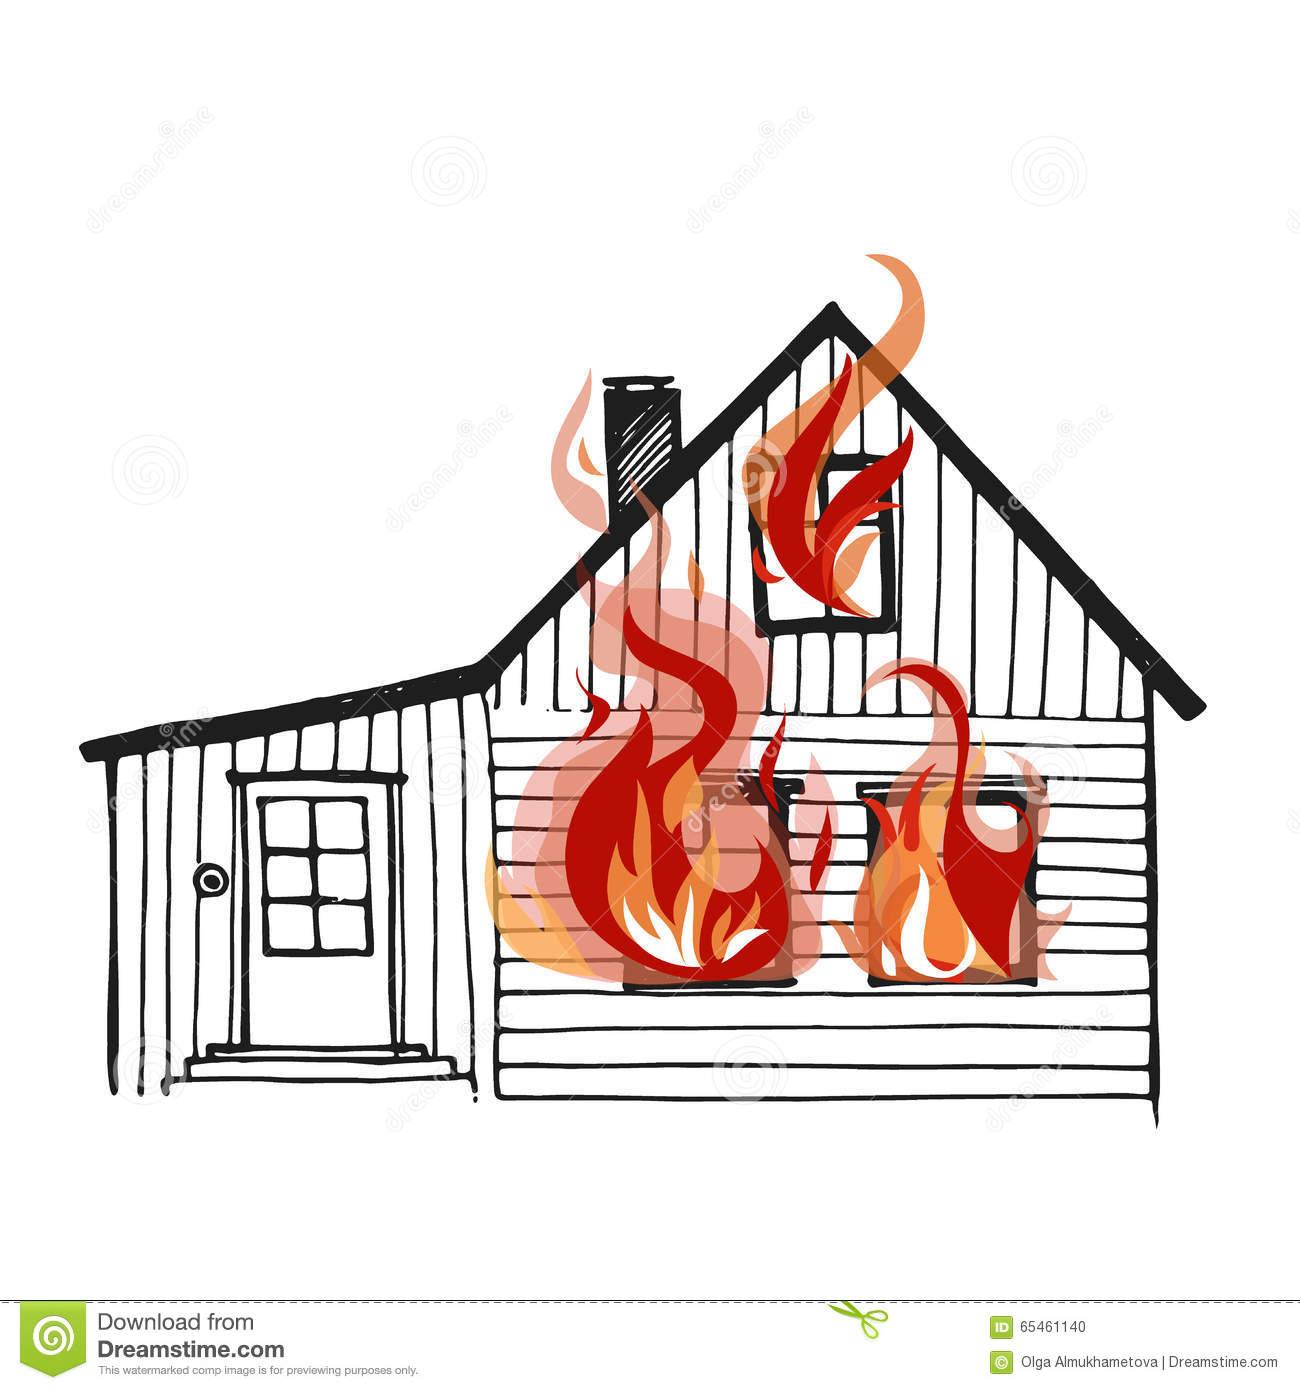 Haus brennt clipart svg black and white Brennendes Haus Auf Weißem Bacground Vektor Abbildung - Bild: 65461140 svg black and white